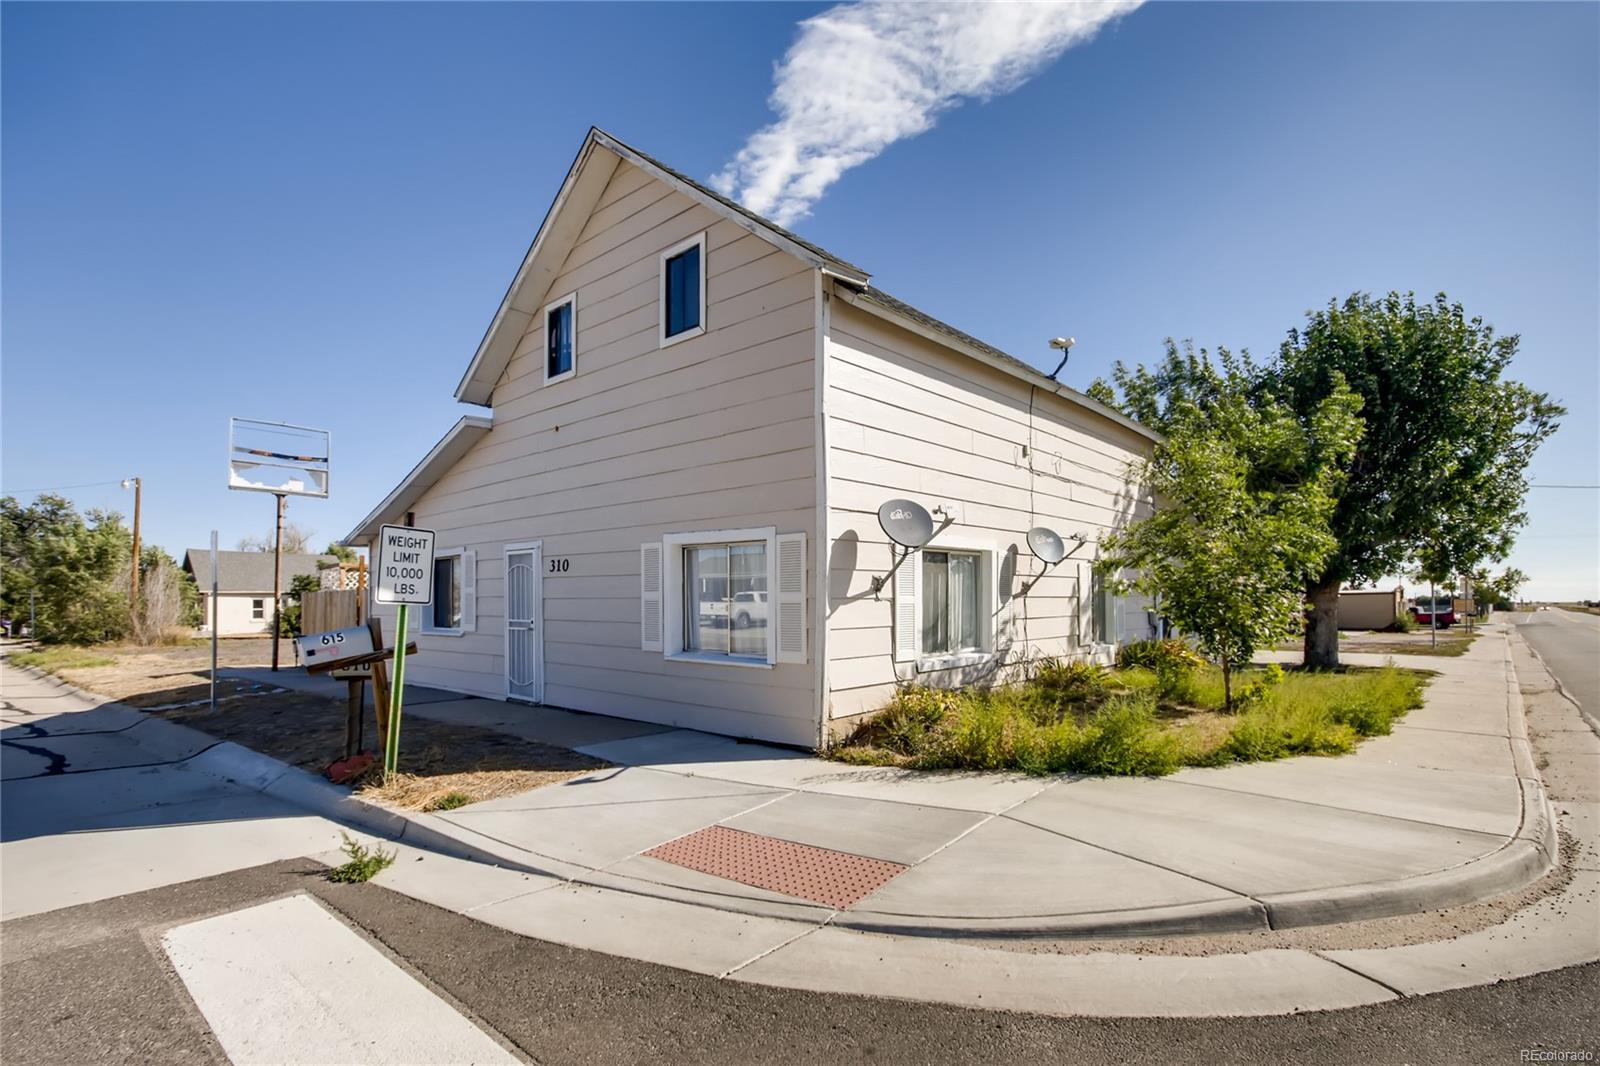 310 6th Street, Bennett, CO 80102 - Bennett, CO real estate listing